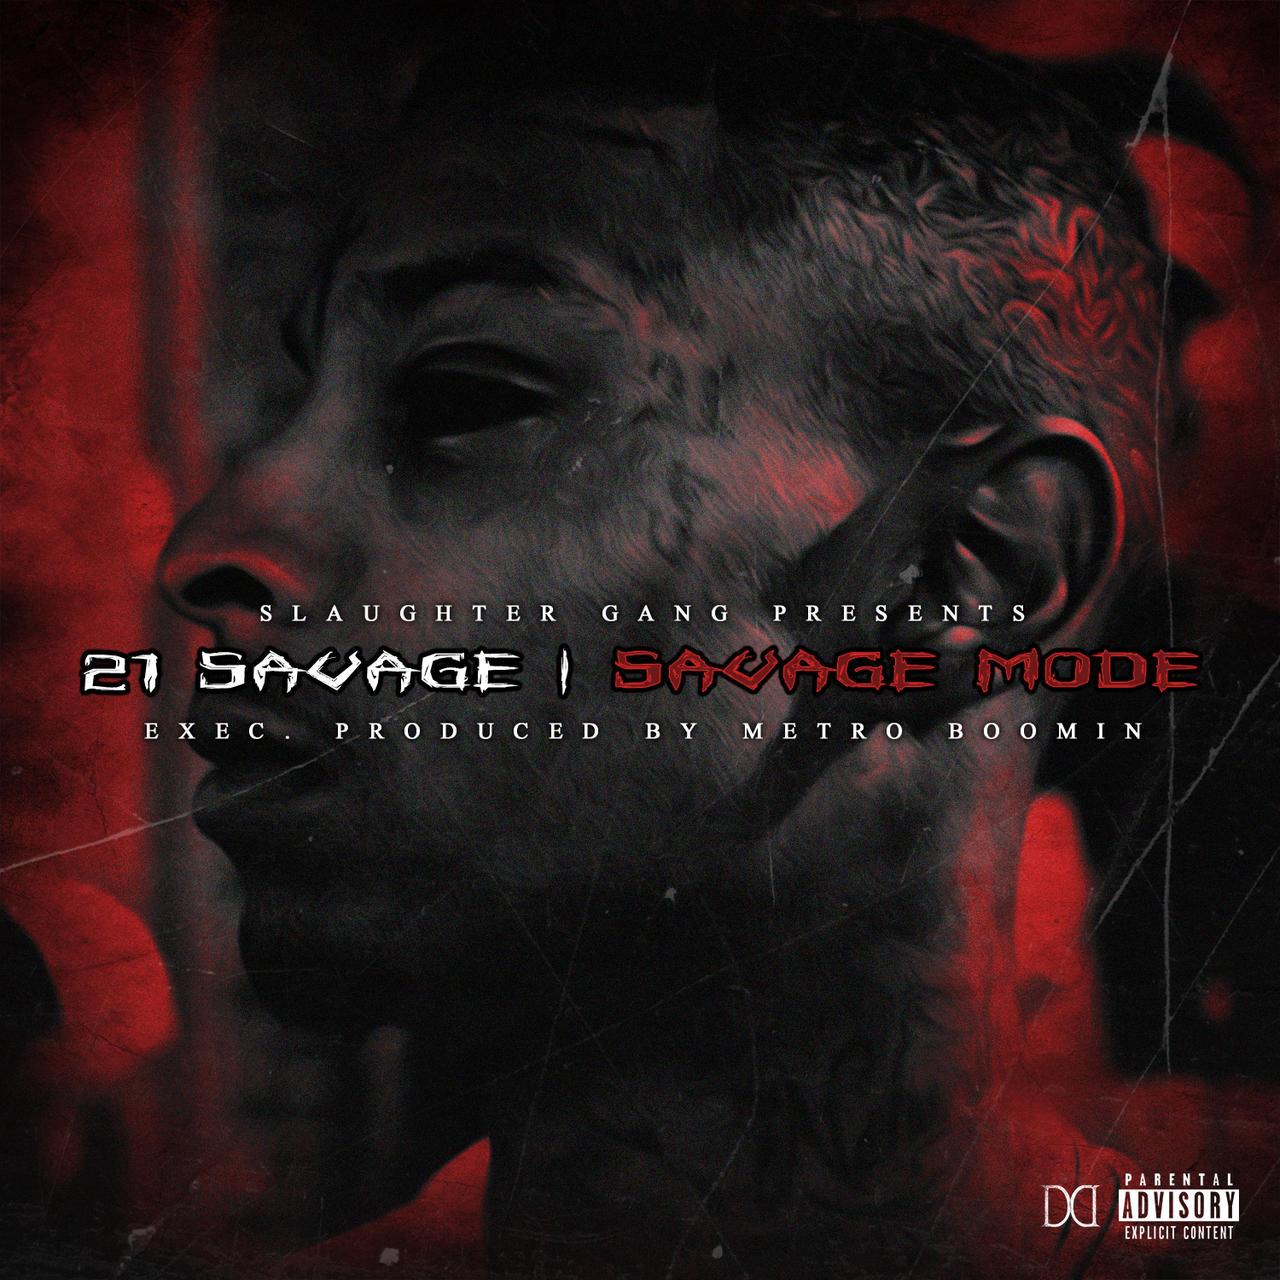 21 savage savage mode by dakodiene on deviantart 21 savage savage mode by dakodiene on